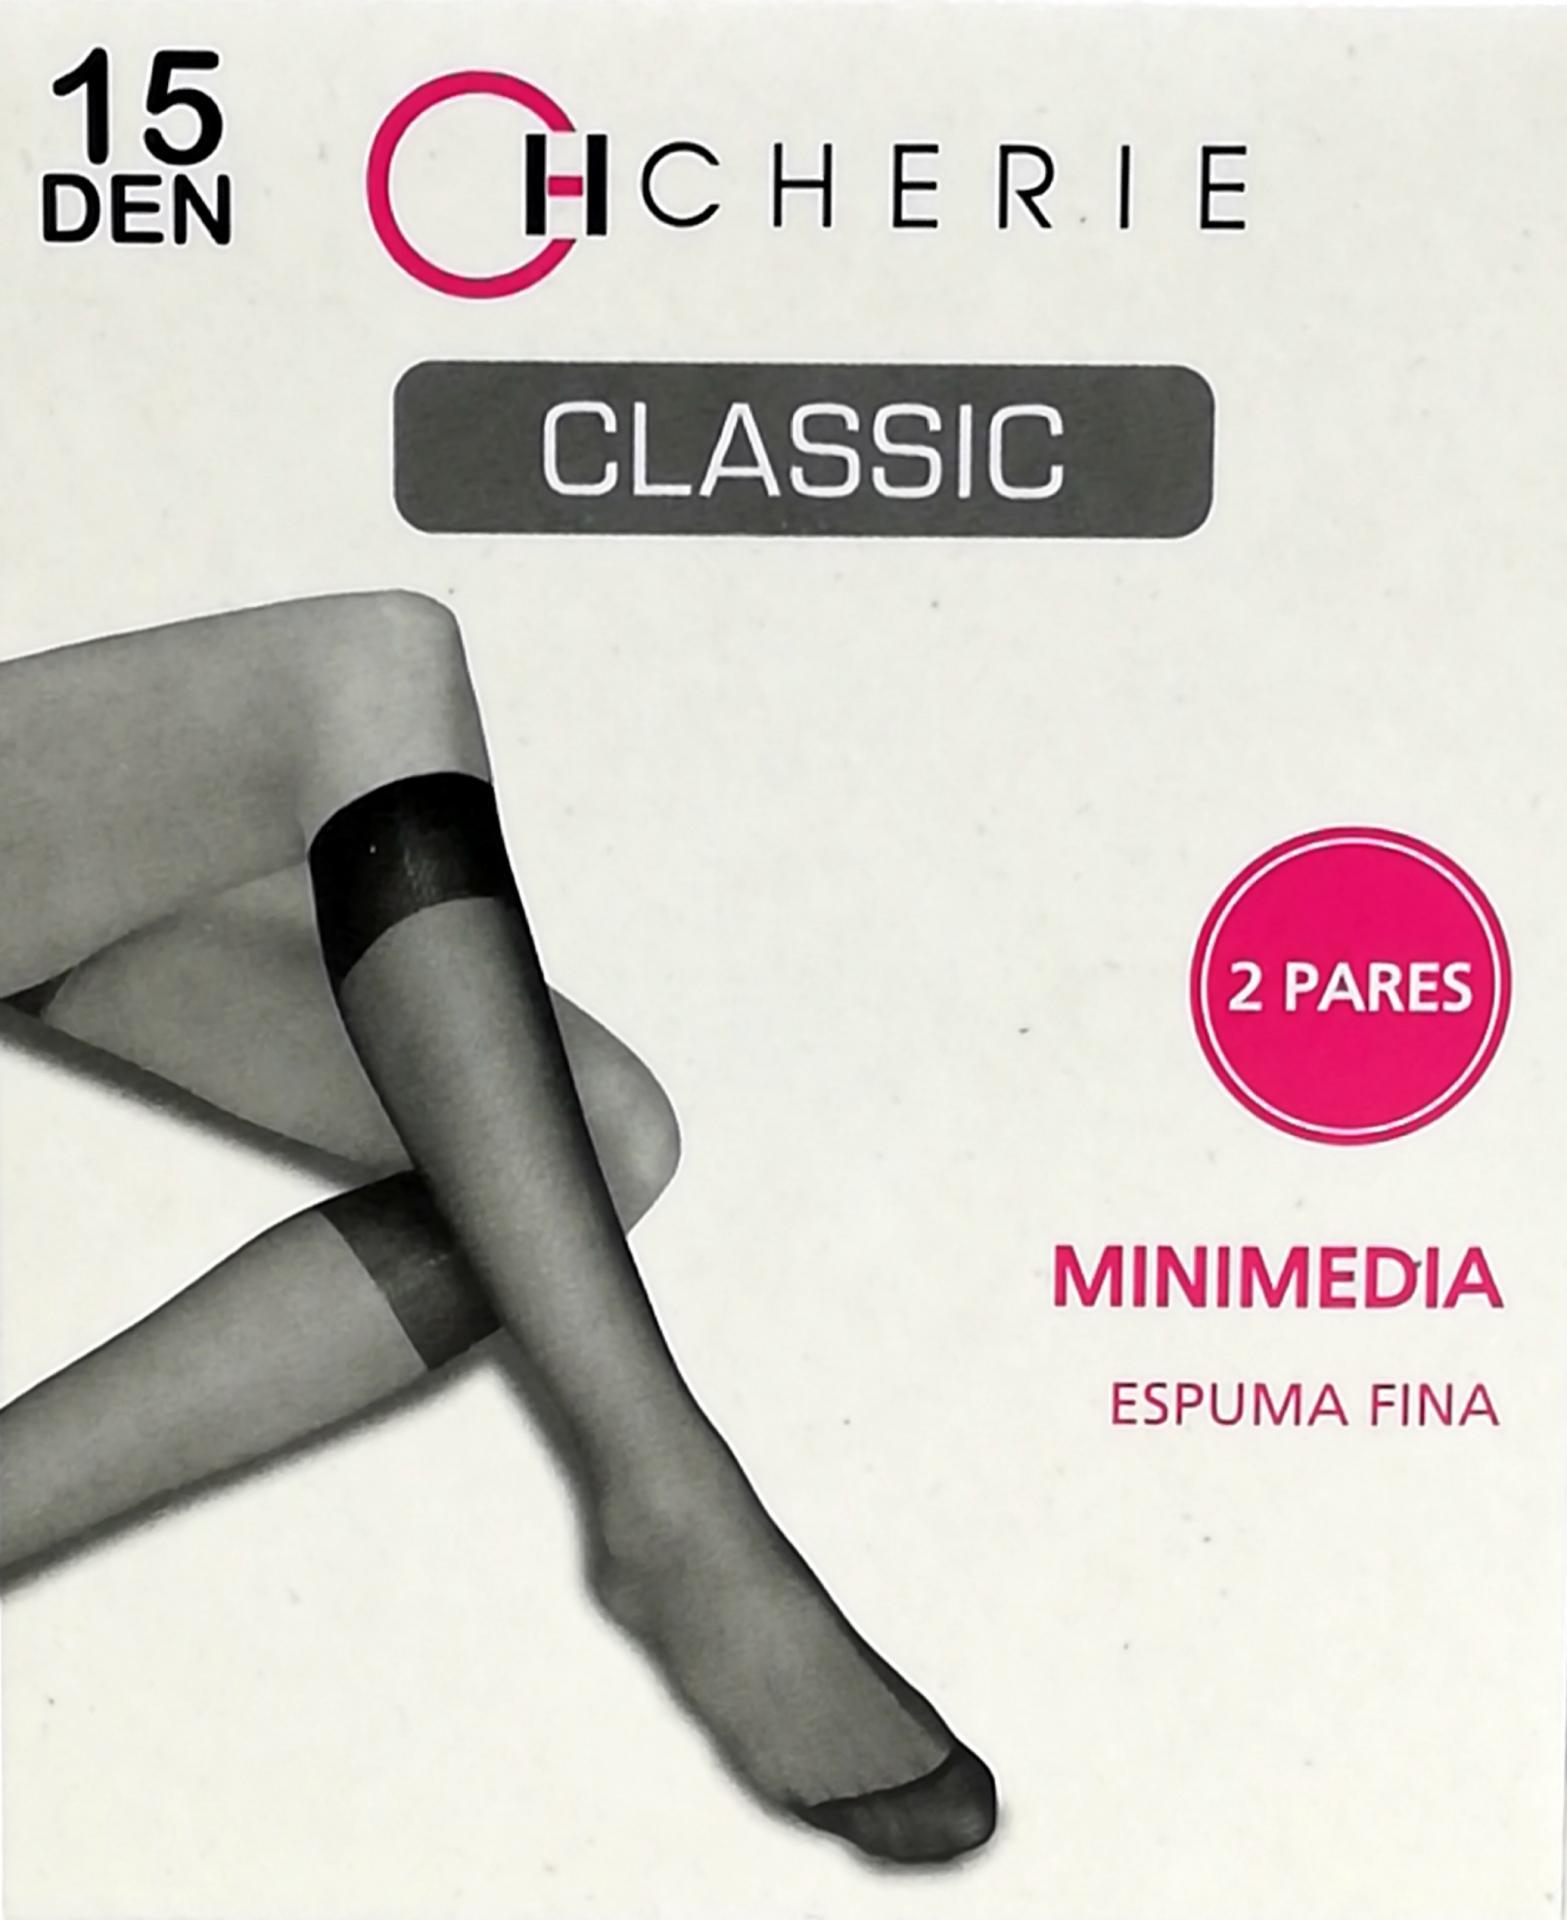 """MINIMEDIA ESPUMA FINA """"CLASSIC"""" 15 DEN."""